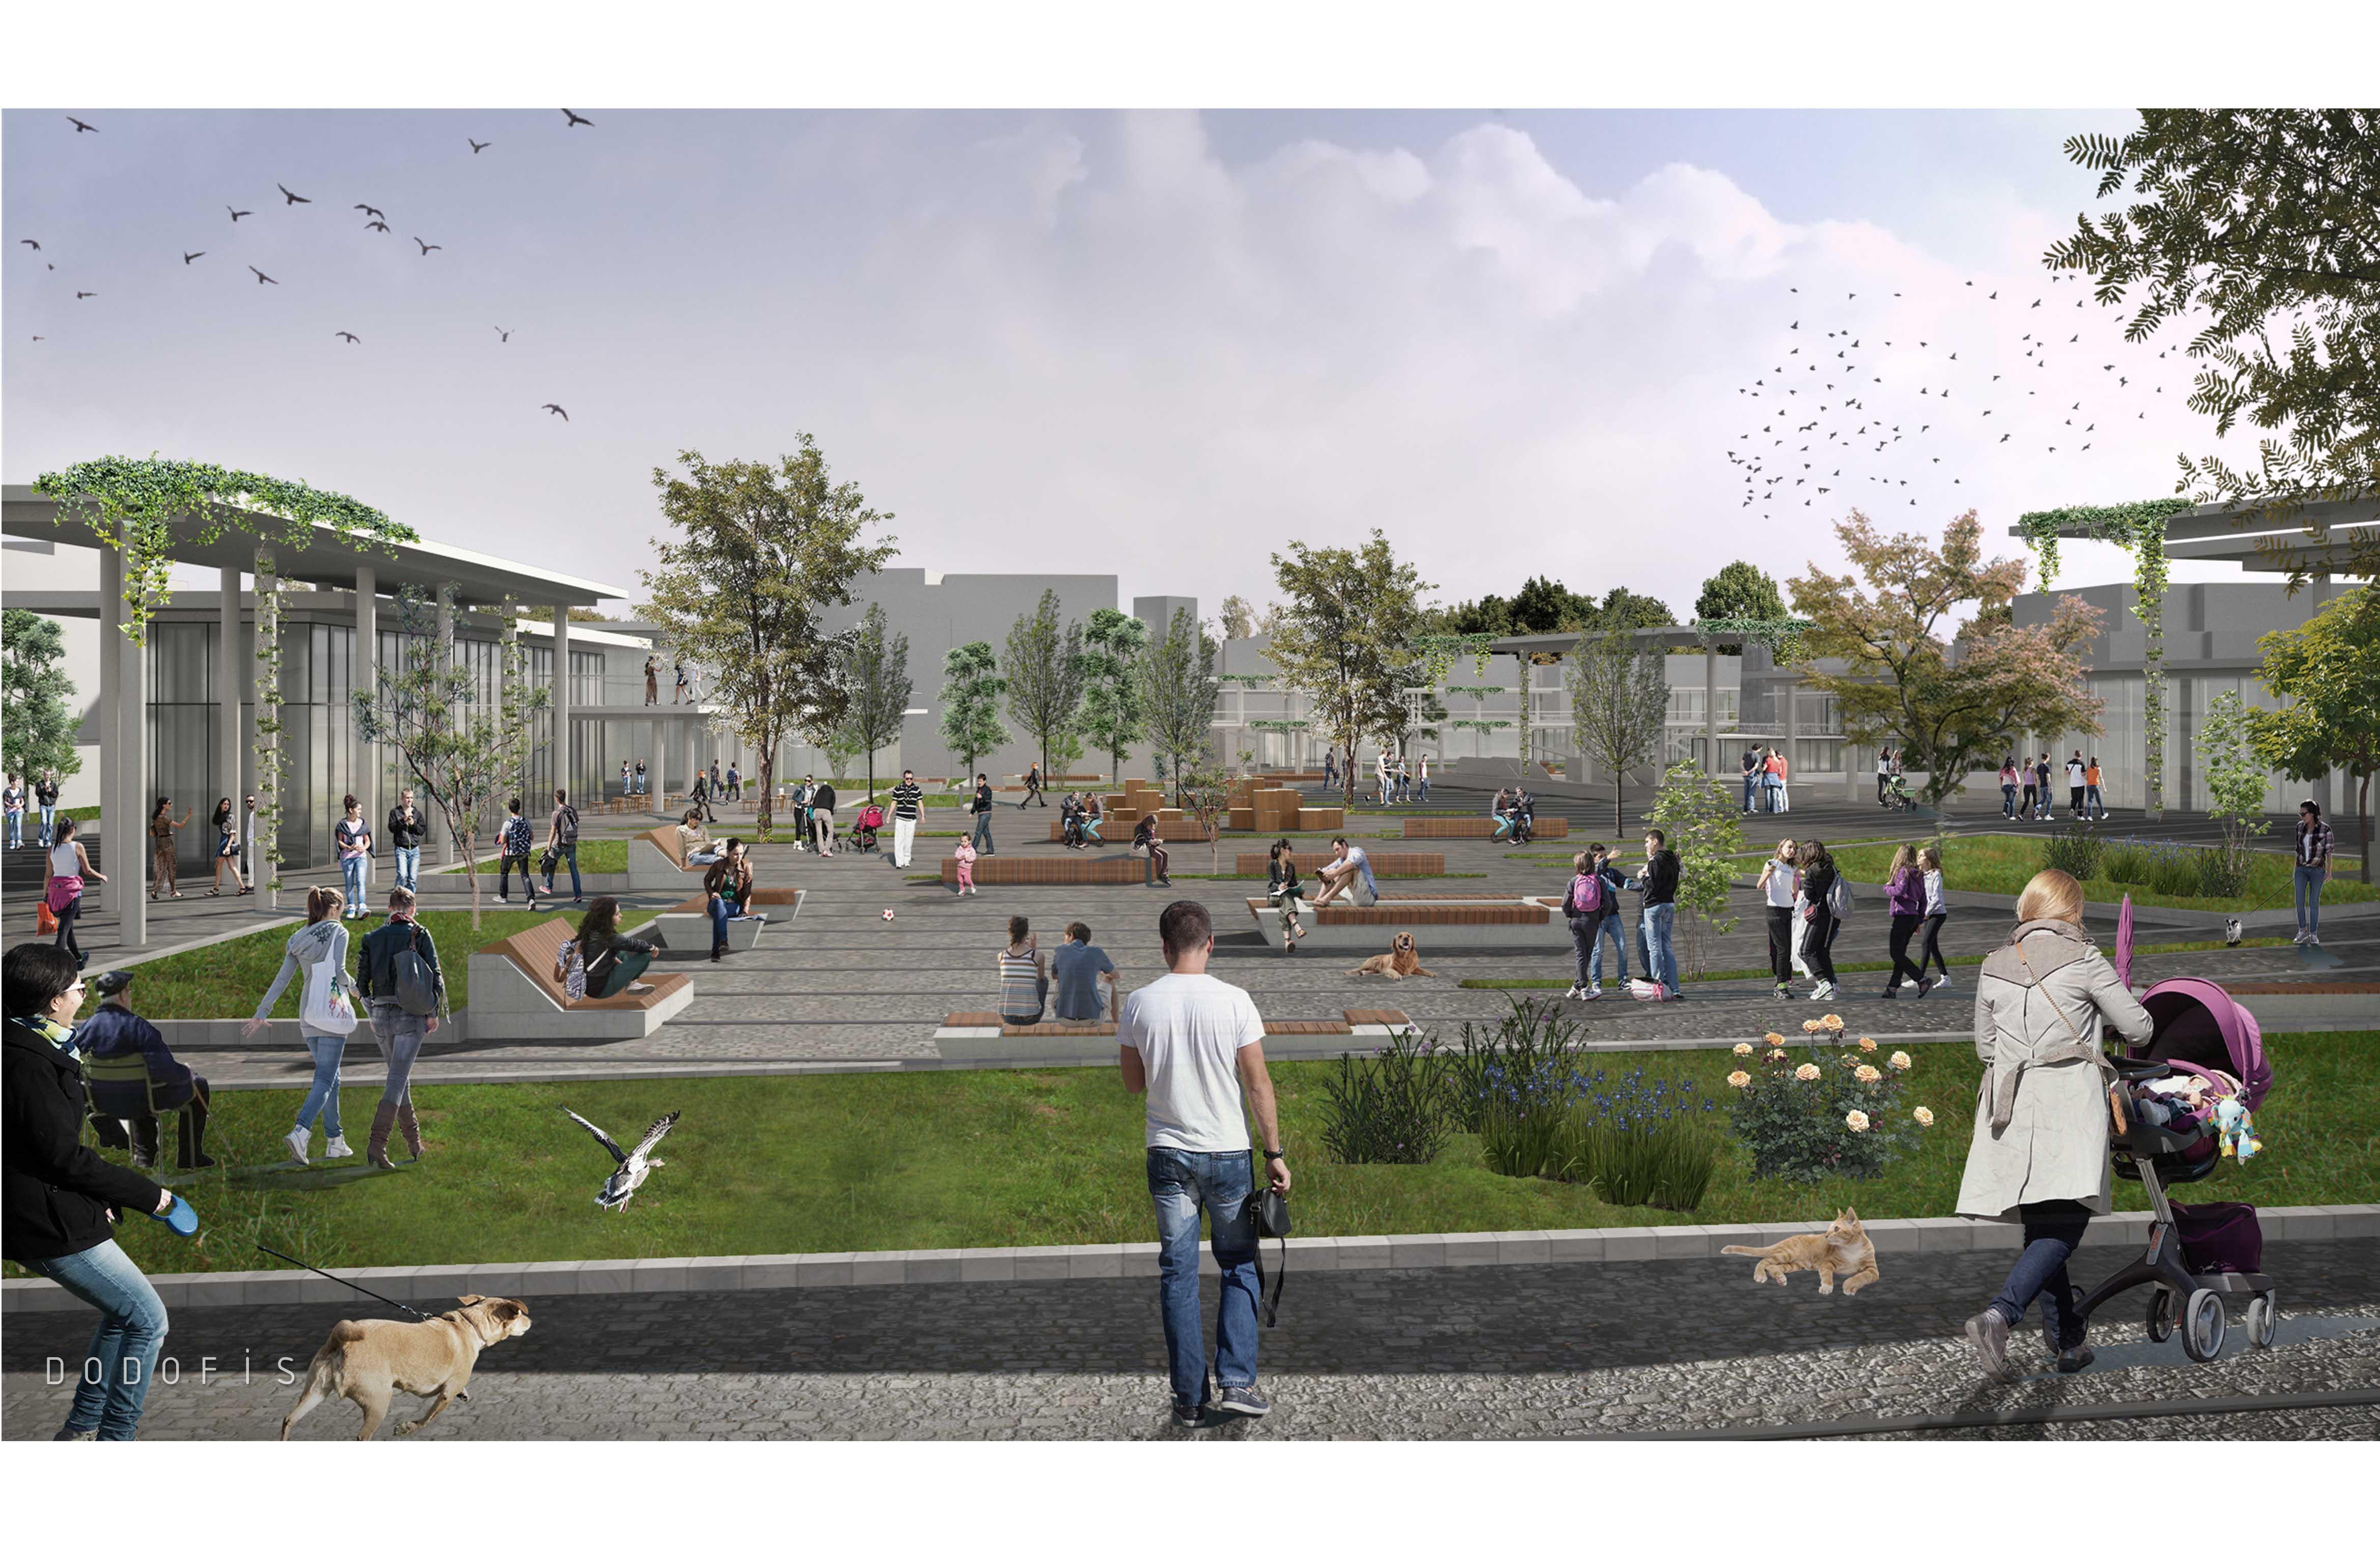 dodofis mimarlık bakırköy meydanı mimari proje yarışması